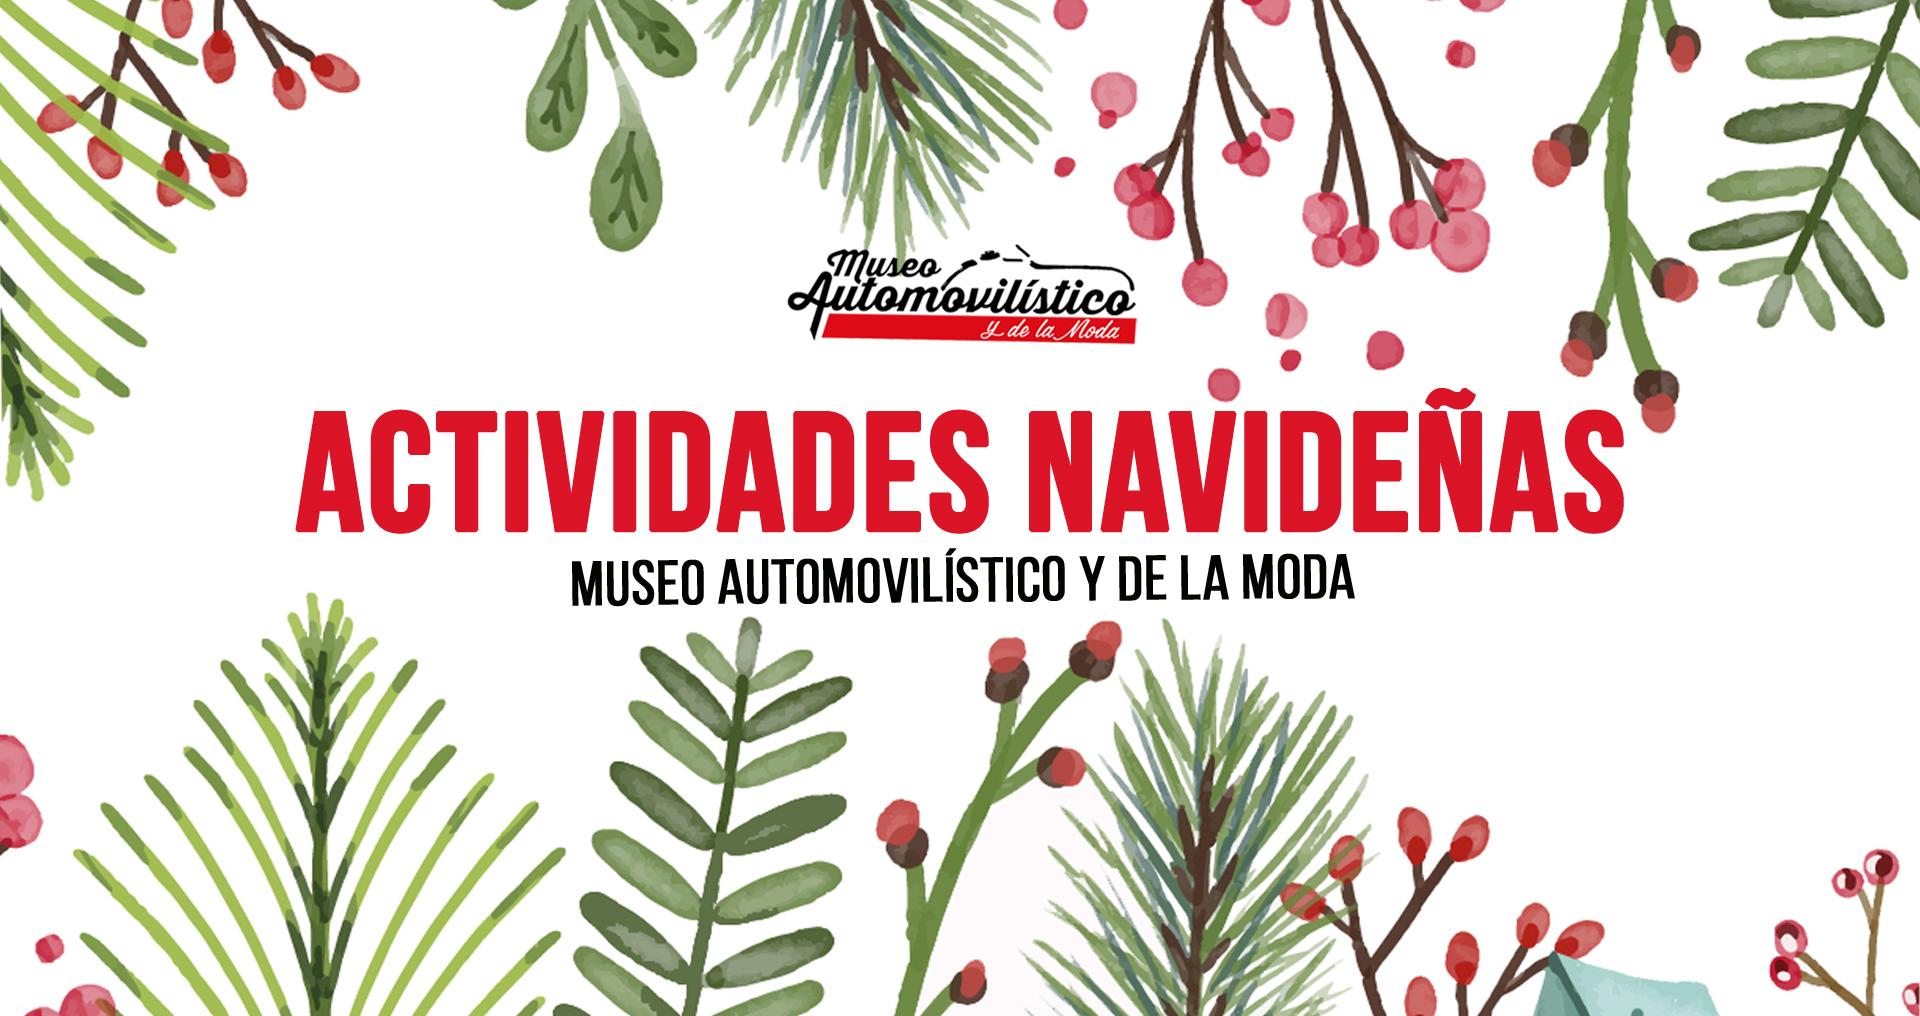 El Museo Automovilístico y de la Moda de Málaga presenta las actividades de Navidad